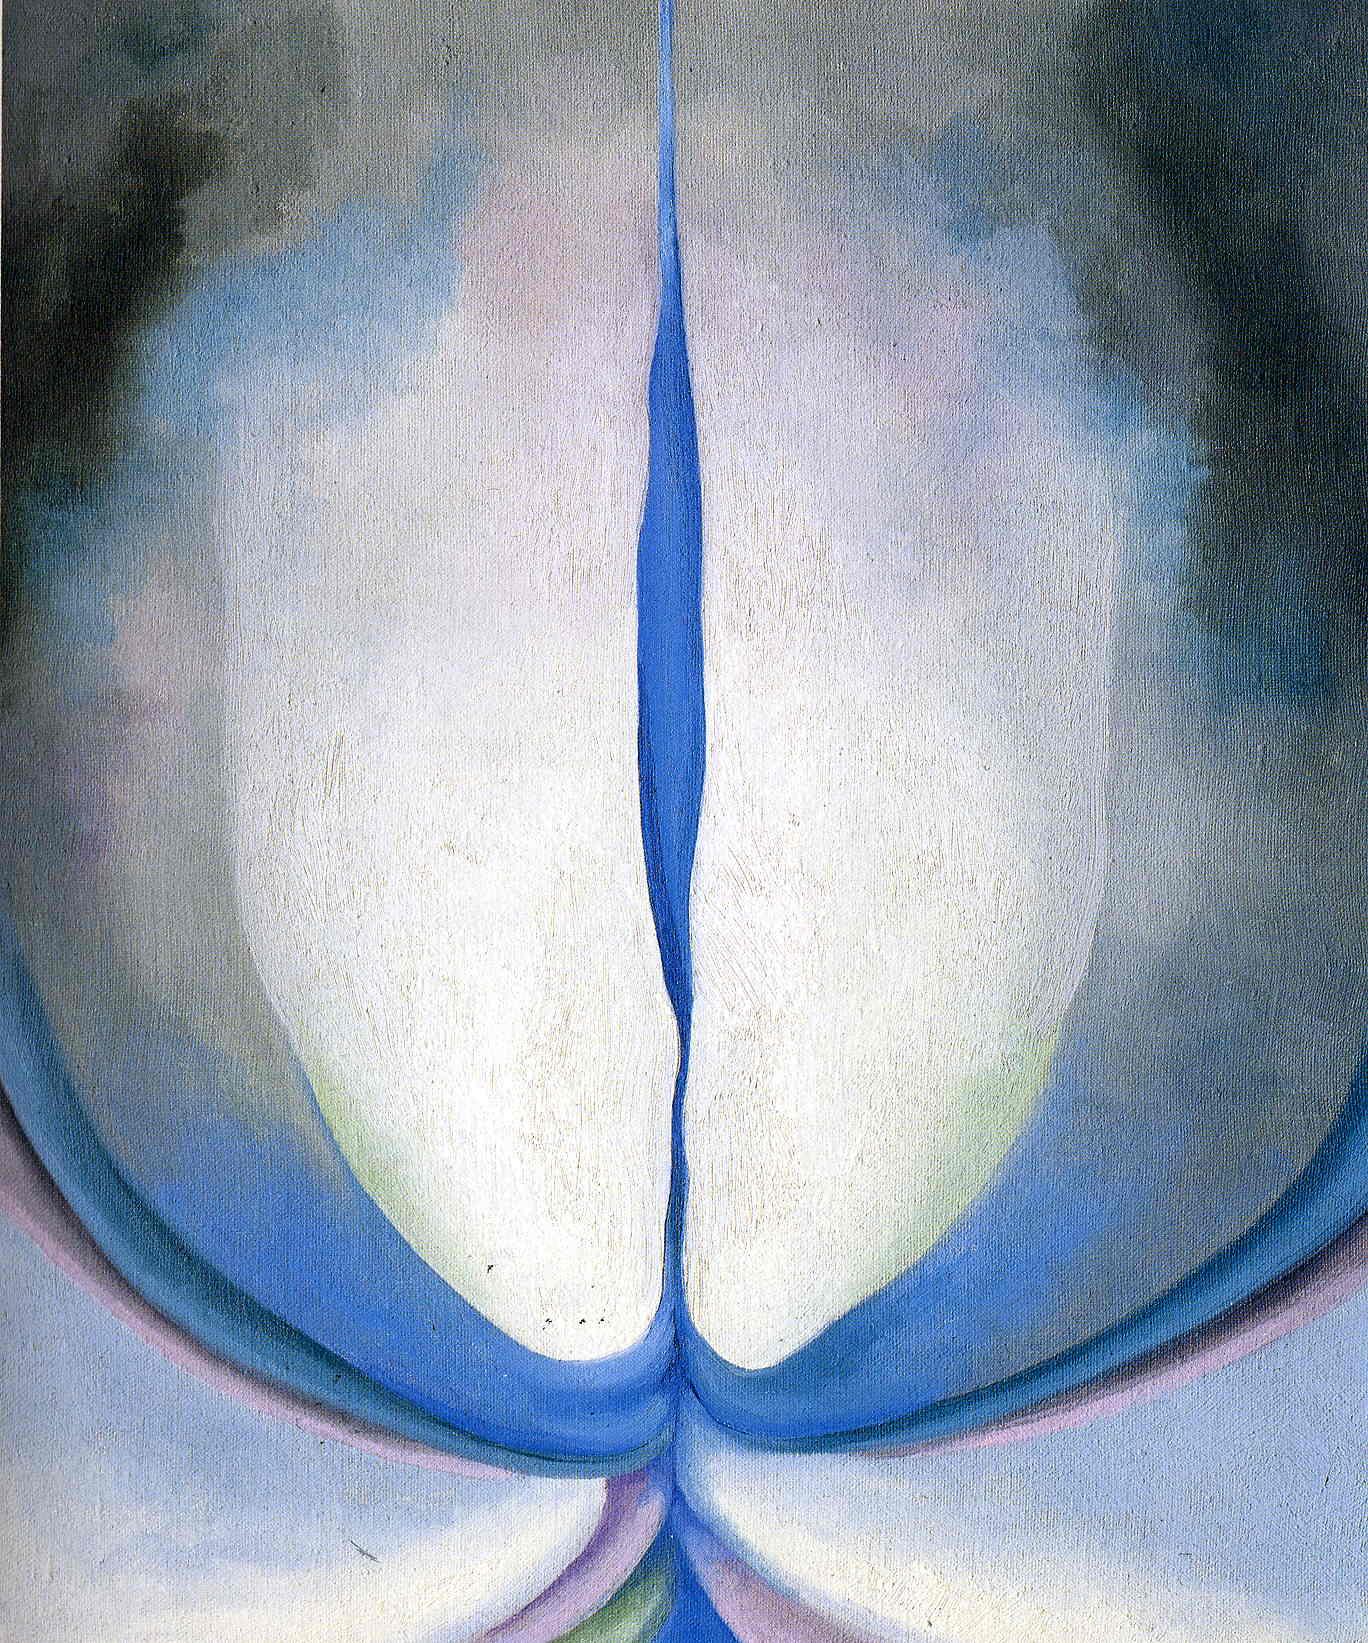 Georgia O'Keefe Blue Line, via Wiki Art